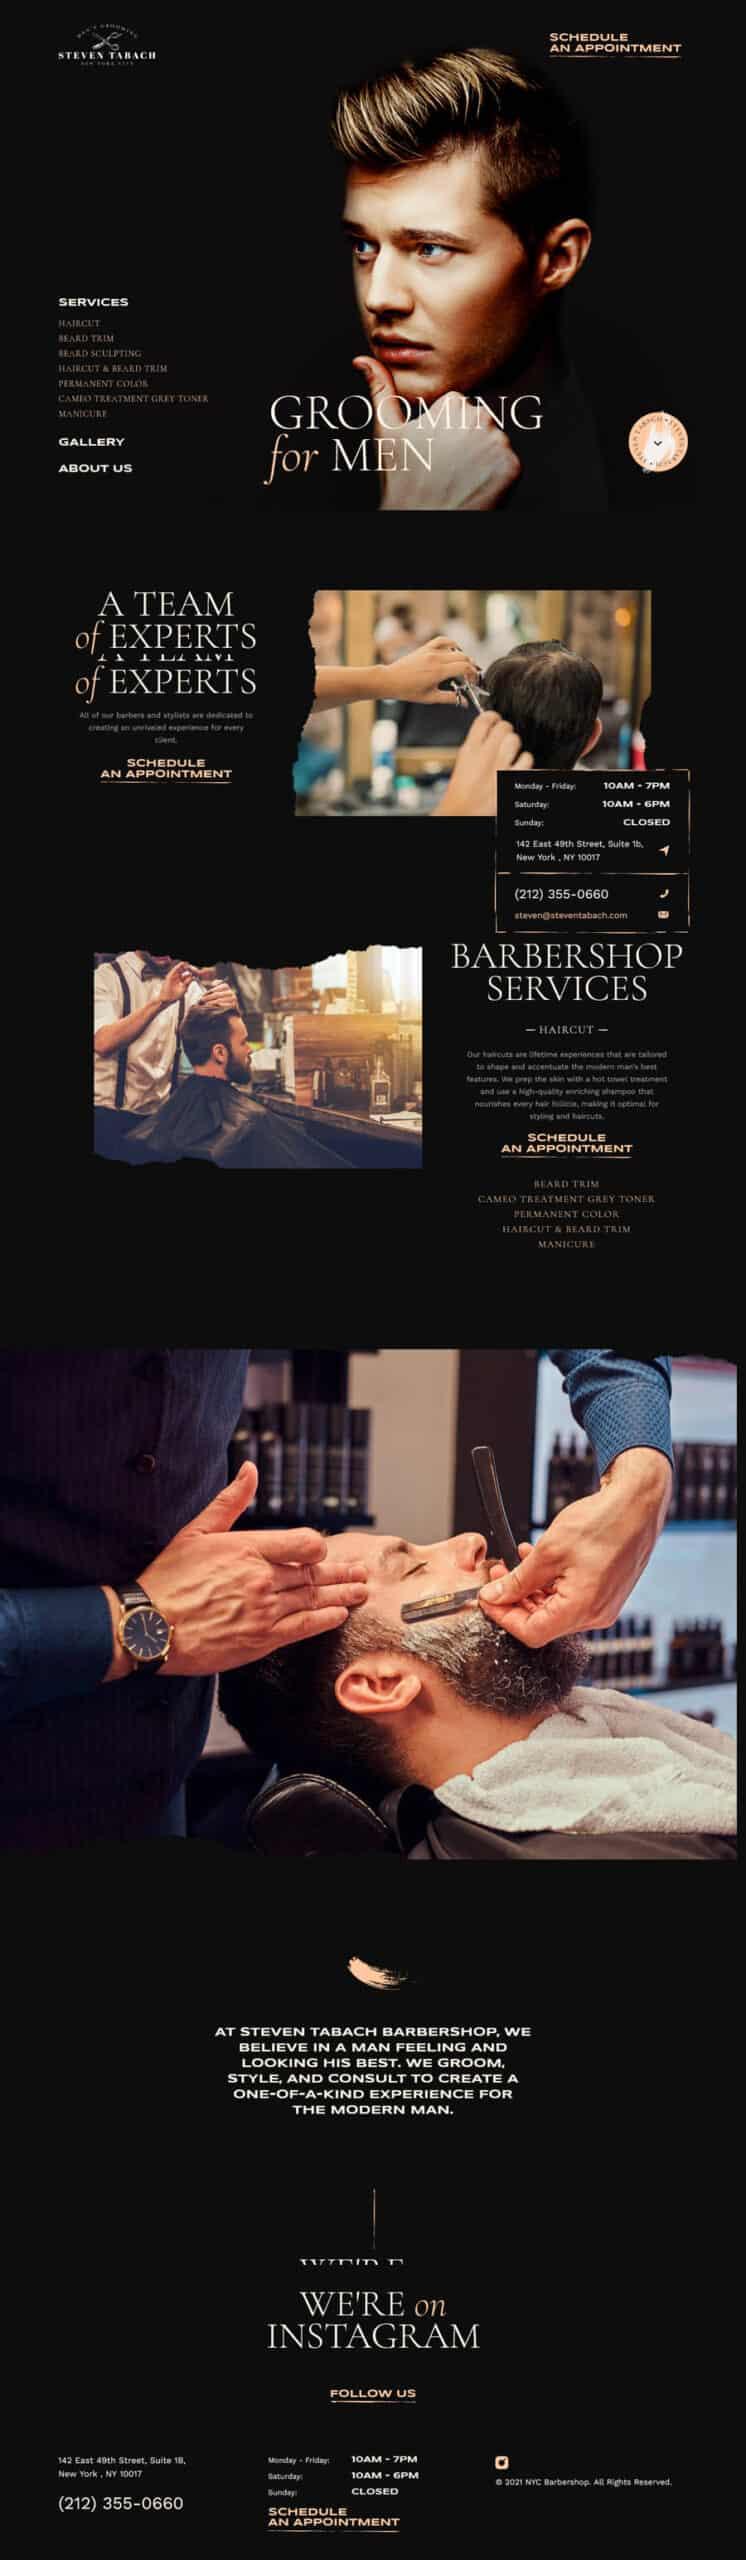 Barbershop Website Design: Abel's on Queen Barbershop